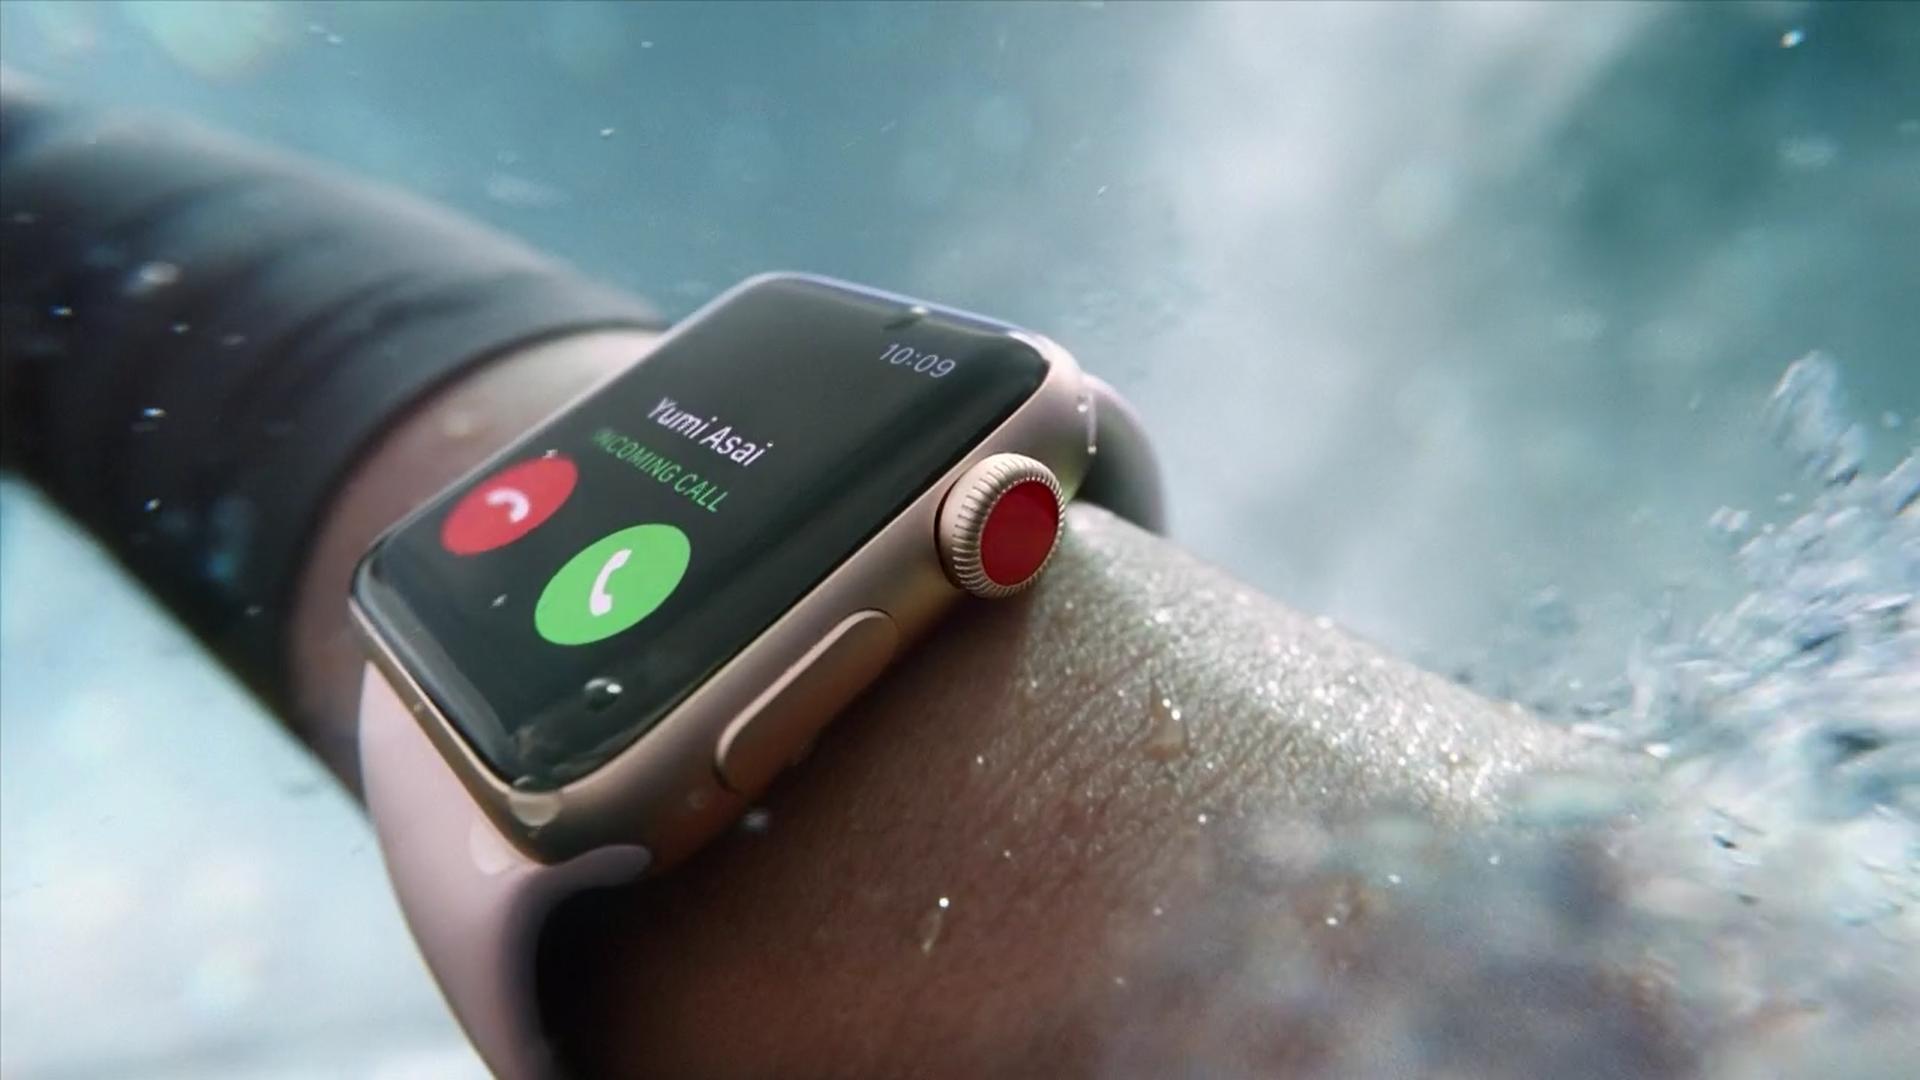 40 млн песен на вашем запястье Новая реклама умных часов Apple Watch была снята на киевском вокзале